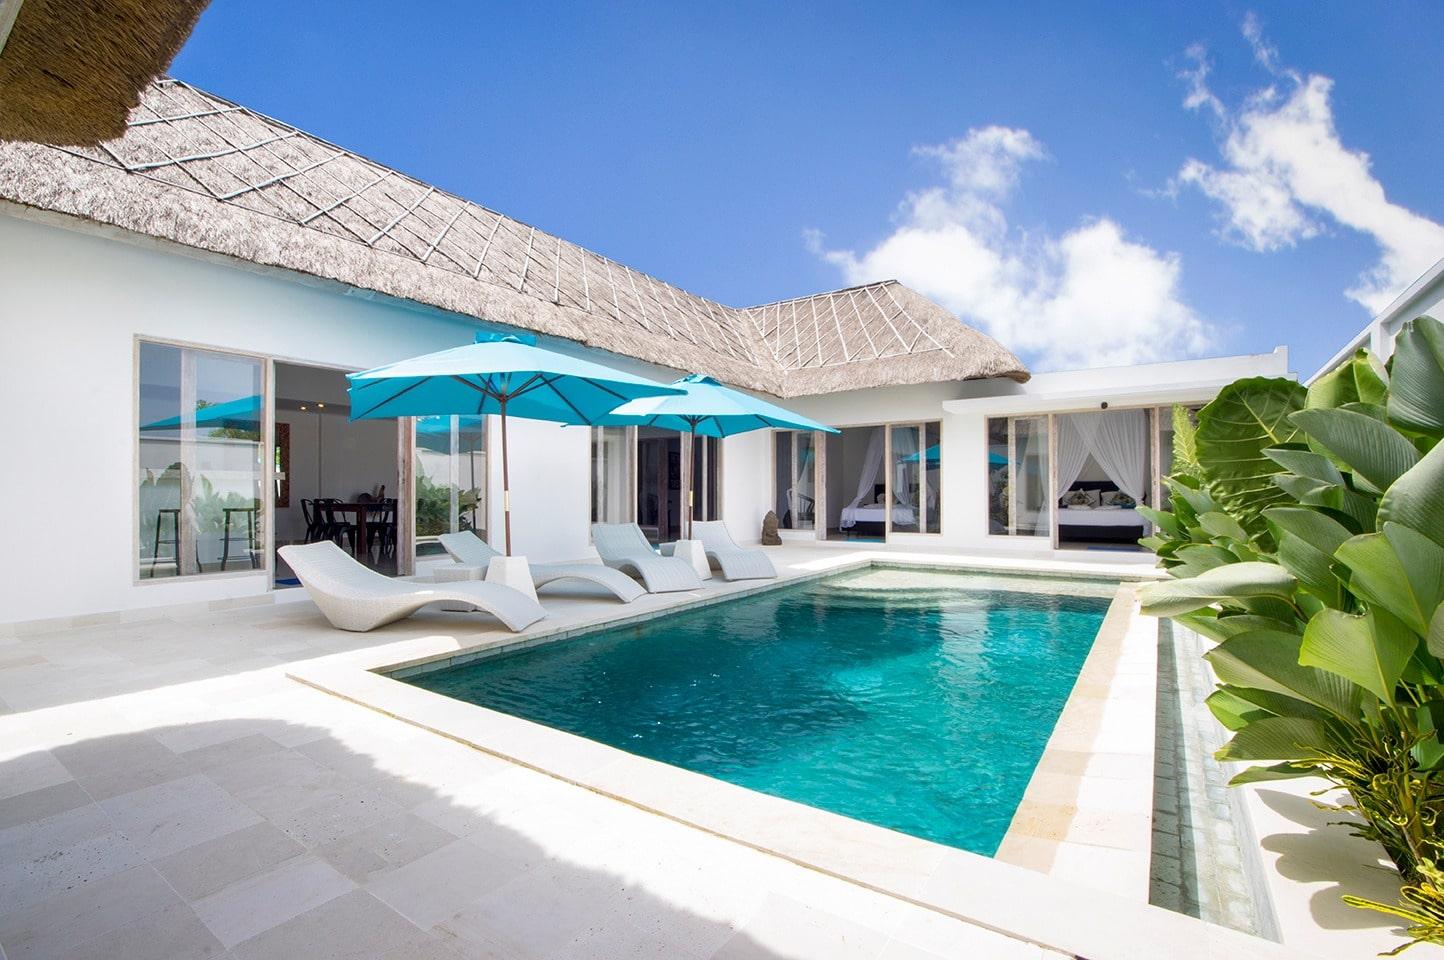 Location De Villa Pas Chère À Bali : 4 Chambres Et Une ... intérieur Hotel Avec Piscine Privée Dans La Chambre France